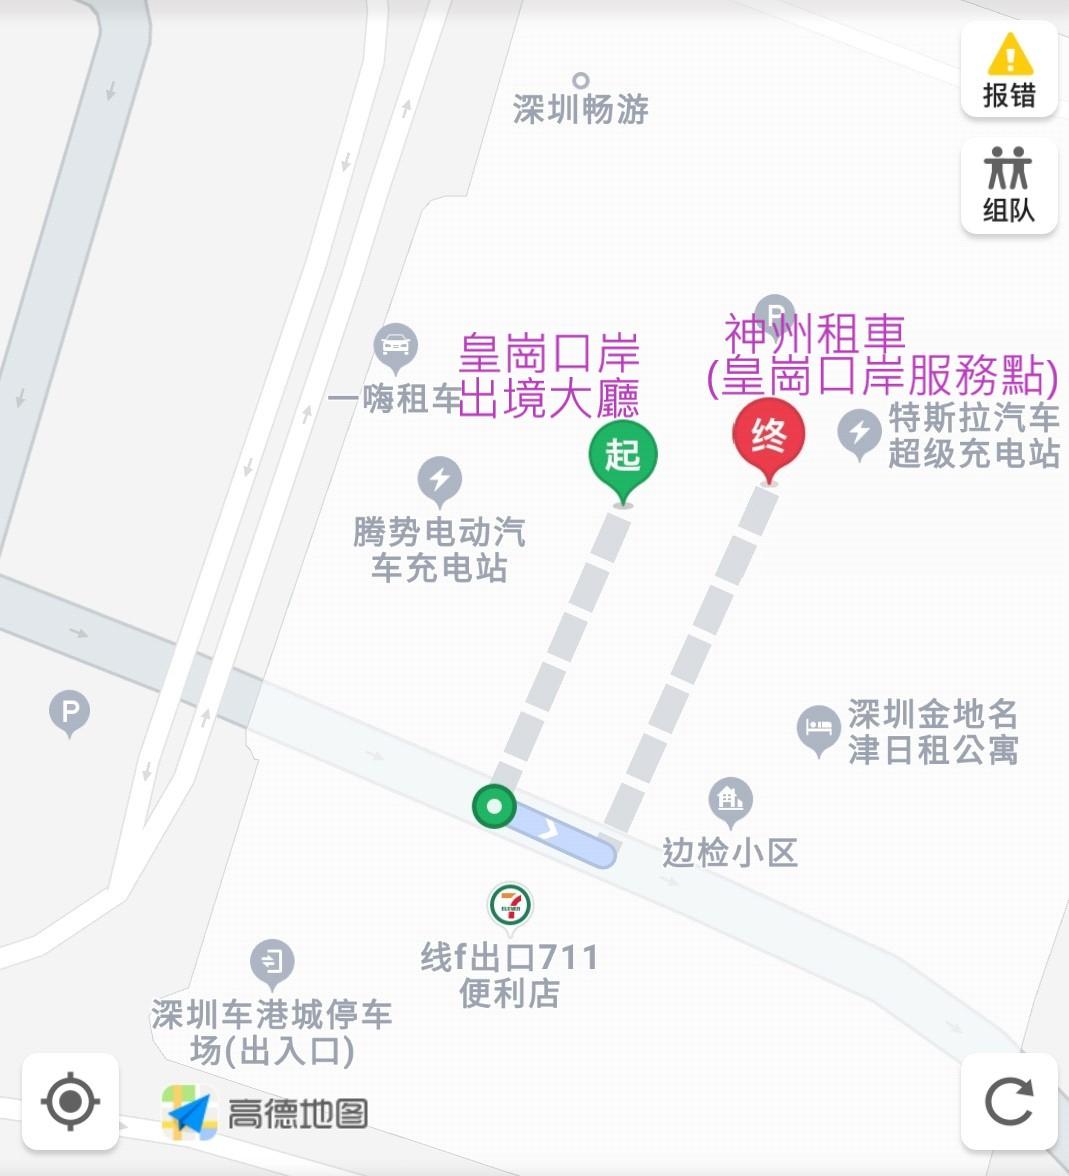 1733自駕遊: 2019年12月中國廣東河源4天自駕遊 (租車篇)